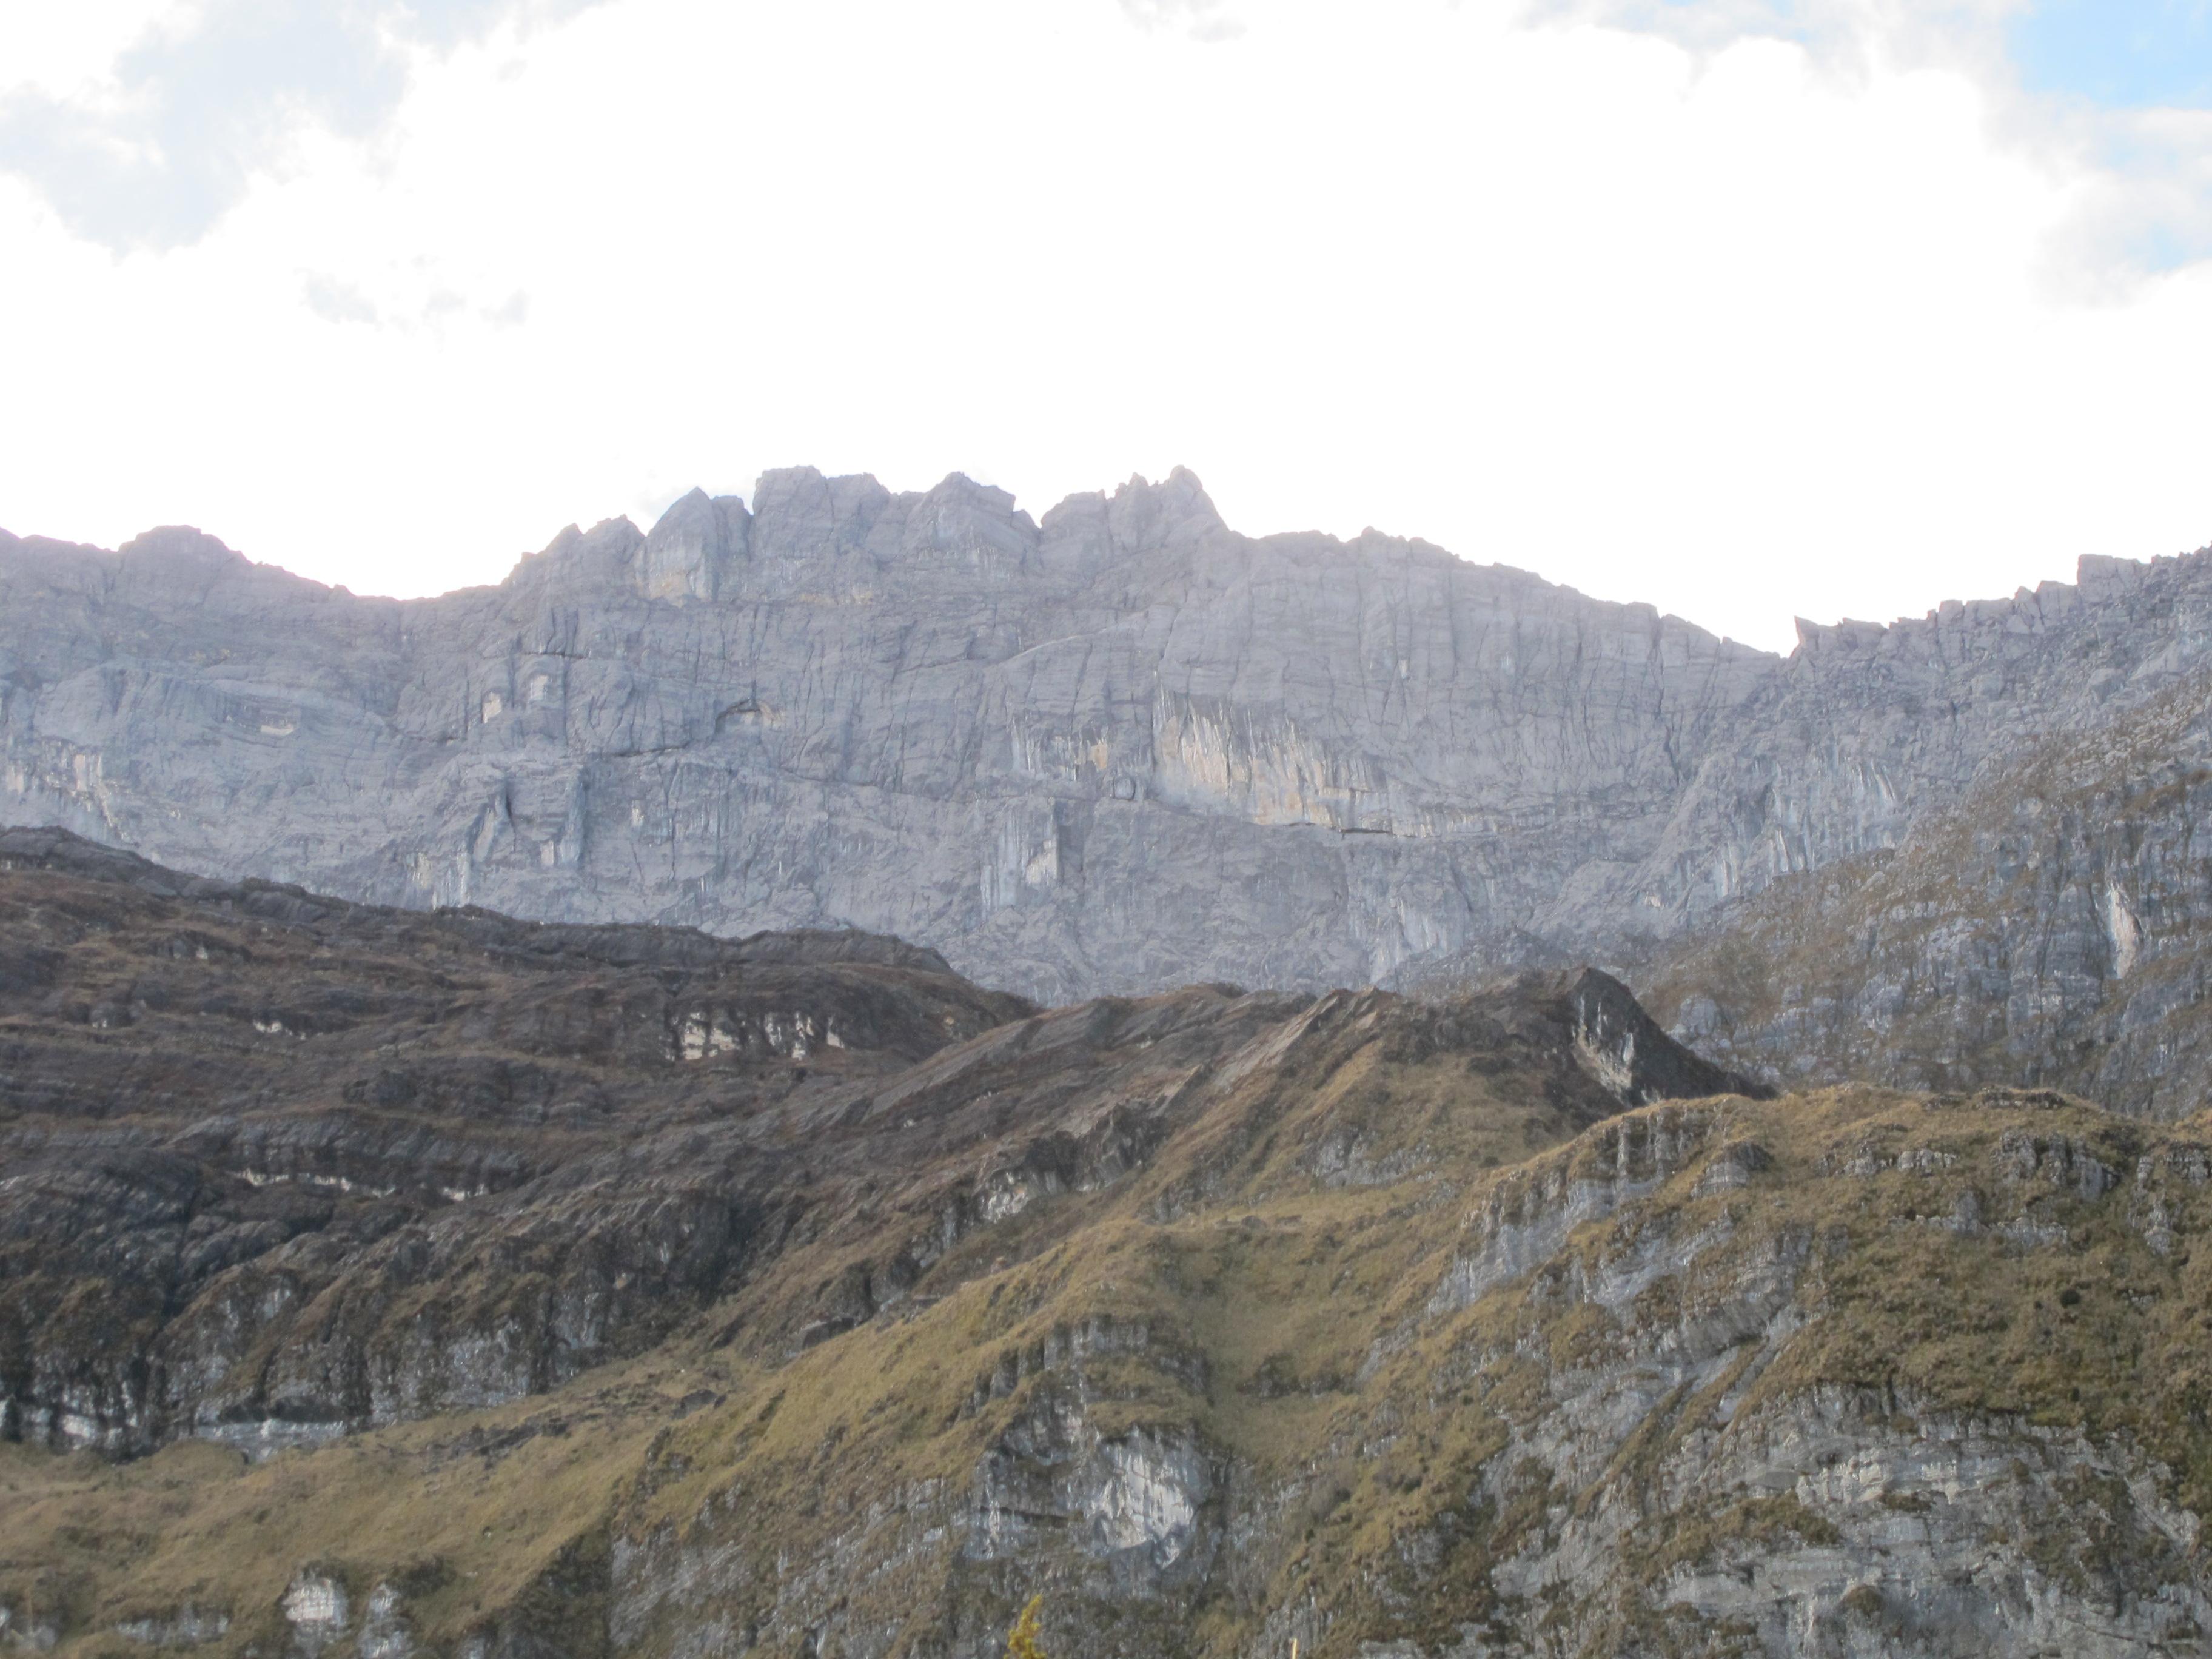 2011-12-01-trikora-summit-ridge